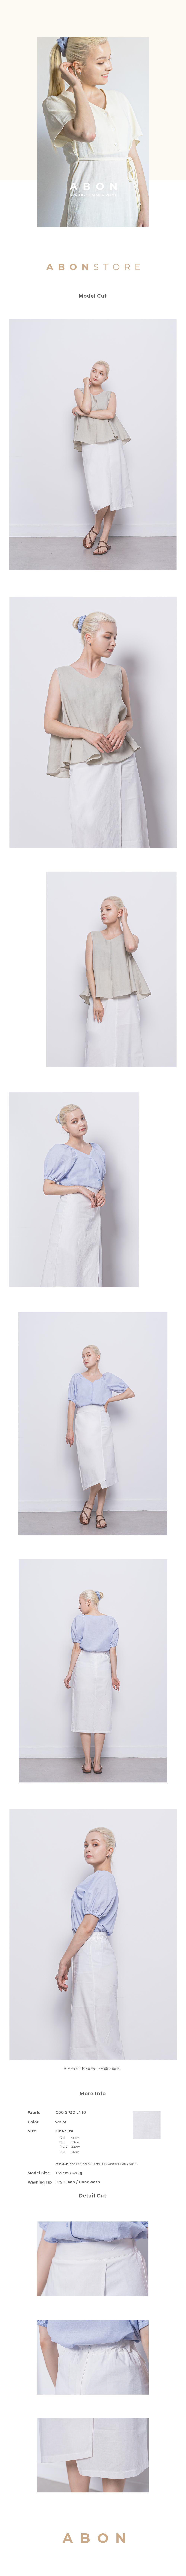 W27 linen rap long skirt white.jpg